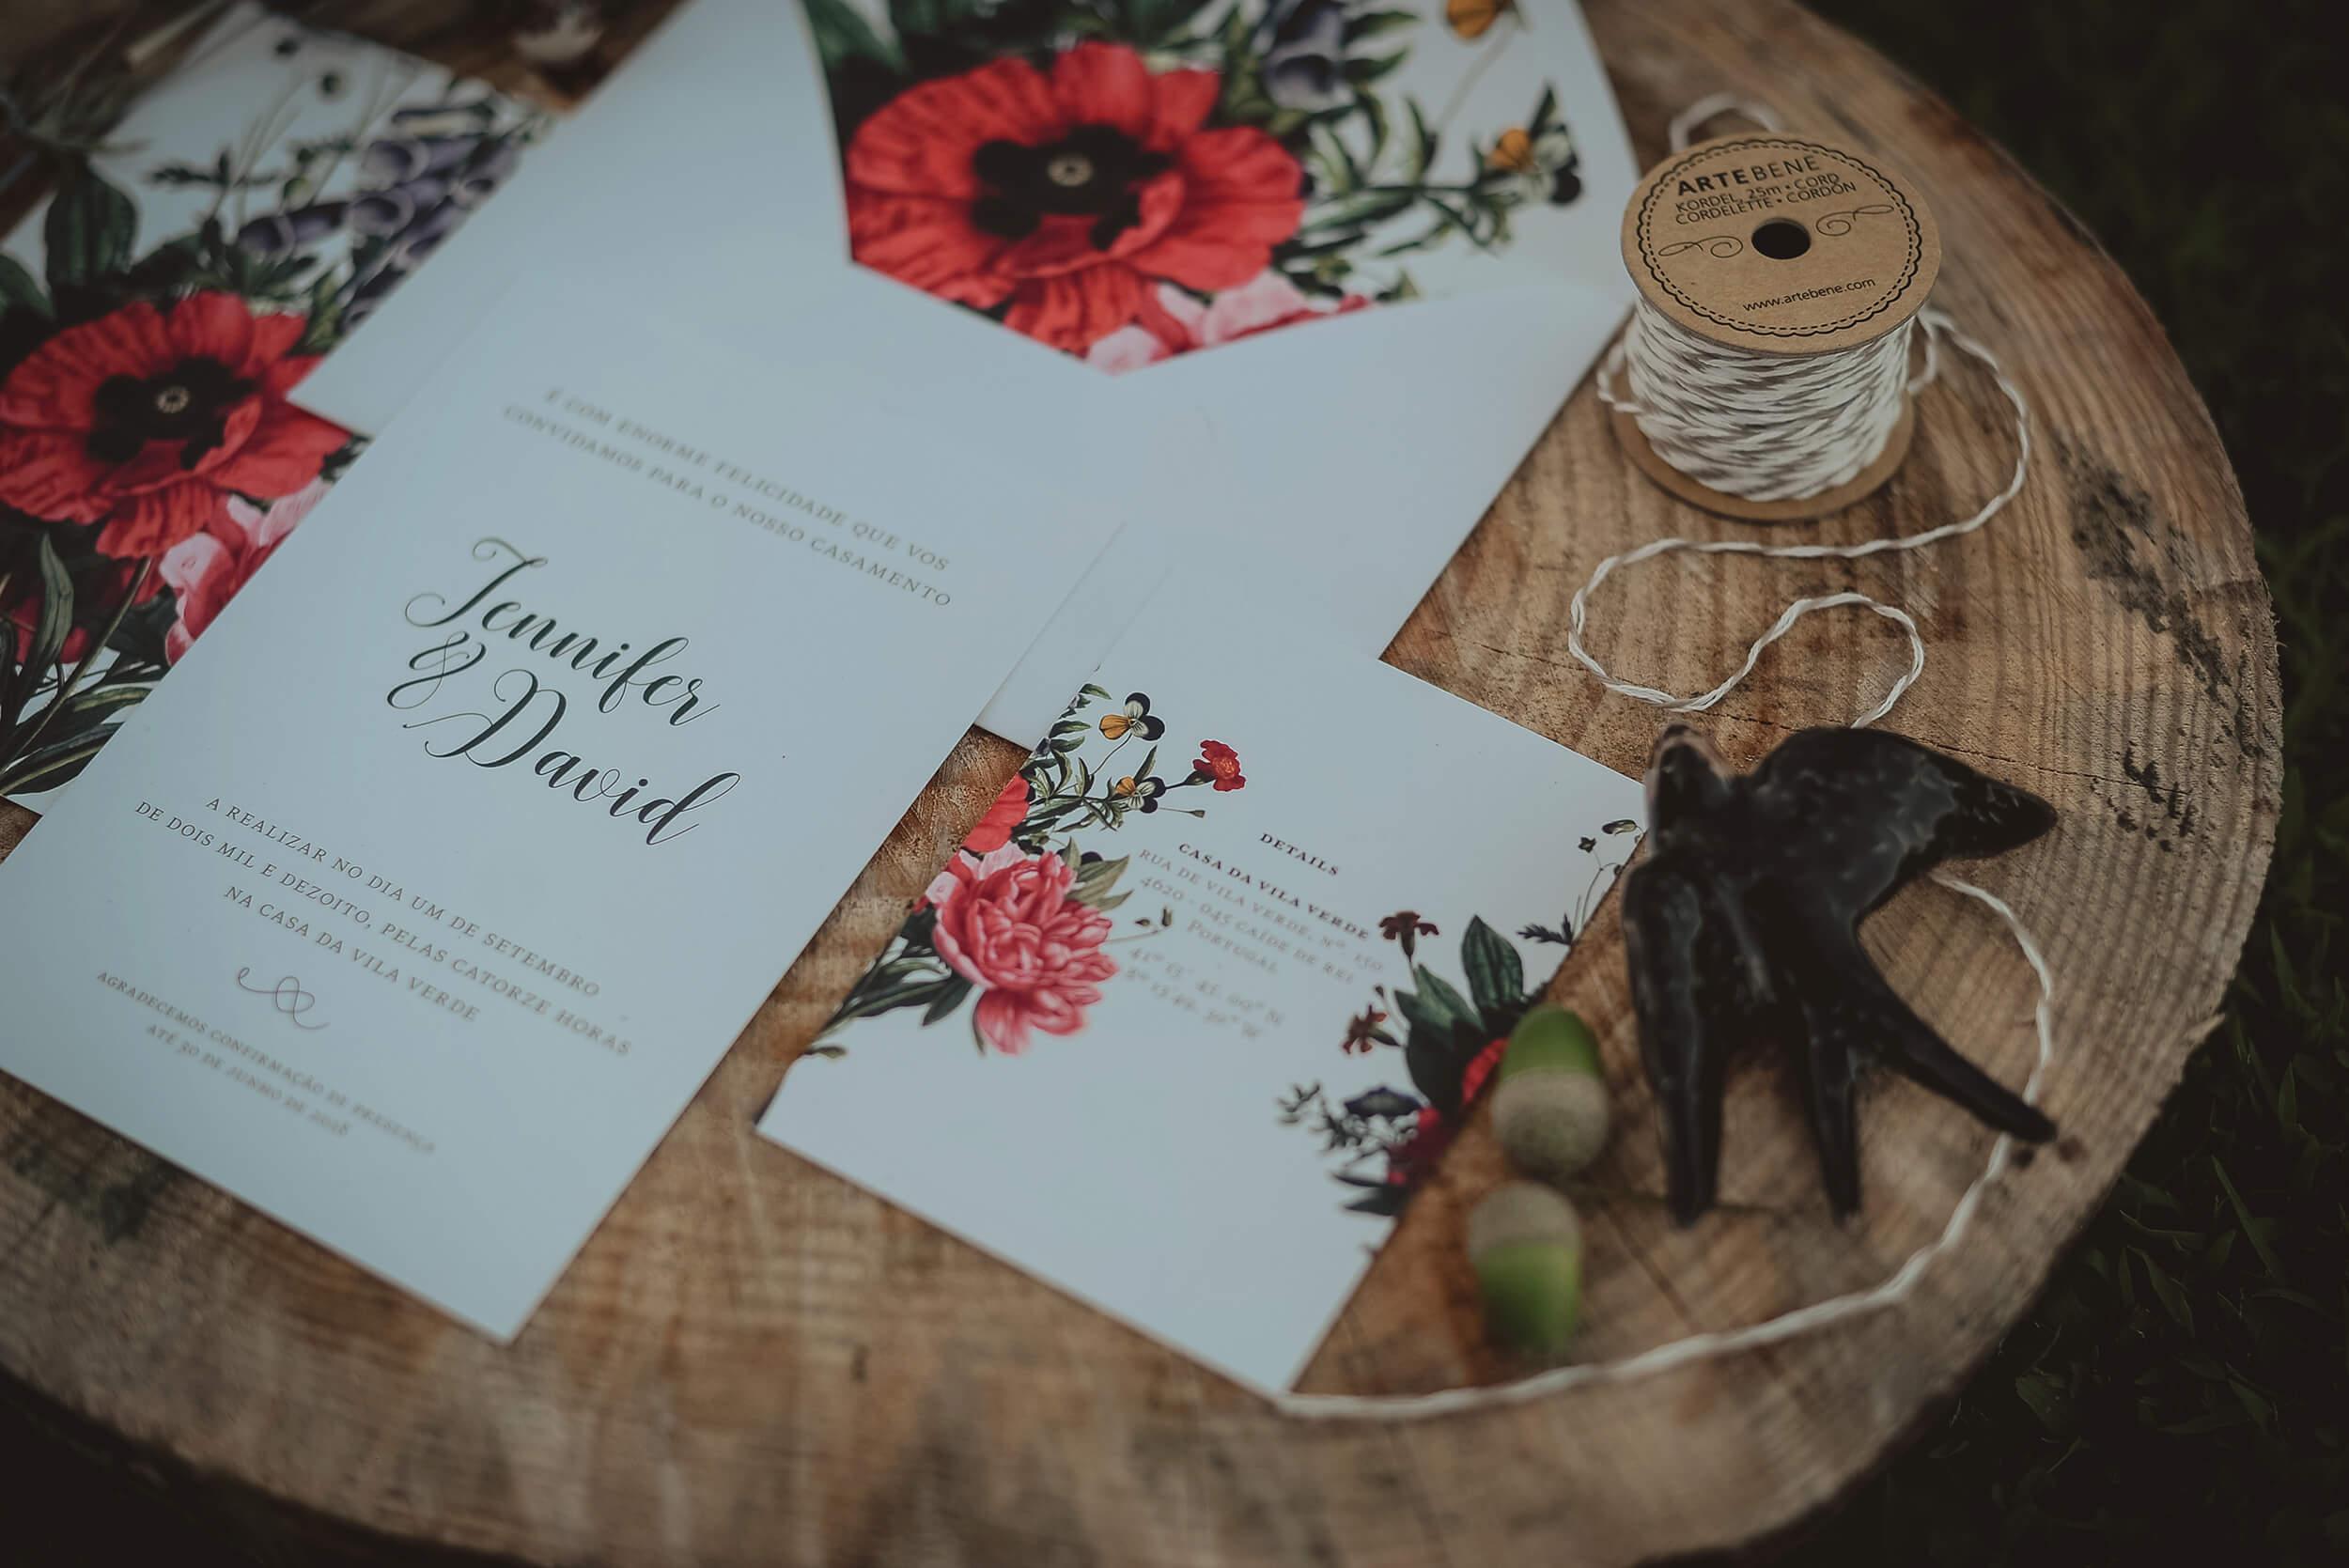 roma-organizacao-eventos-editorial-casamento-colorful-wedding-57